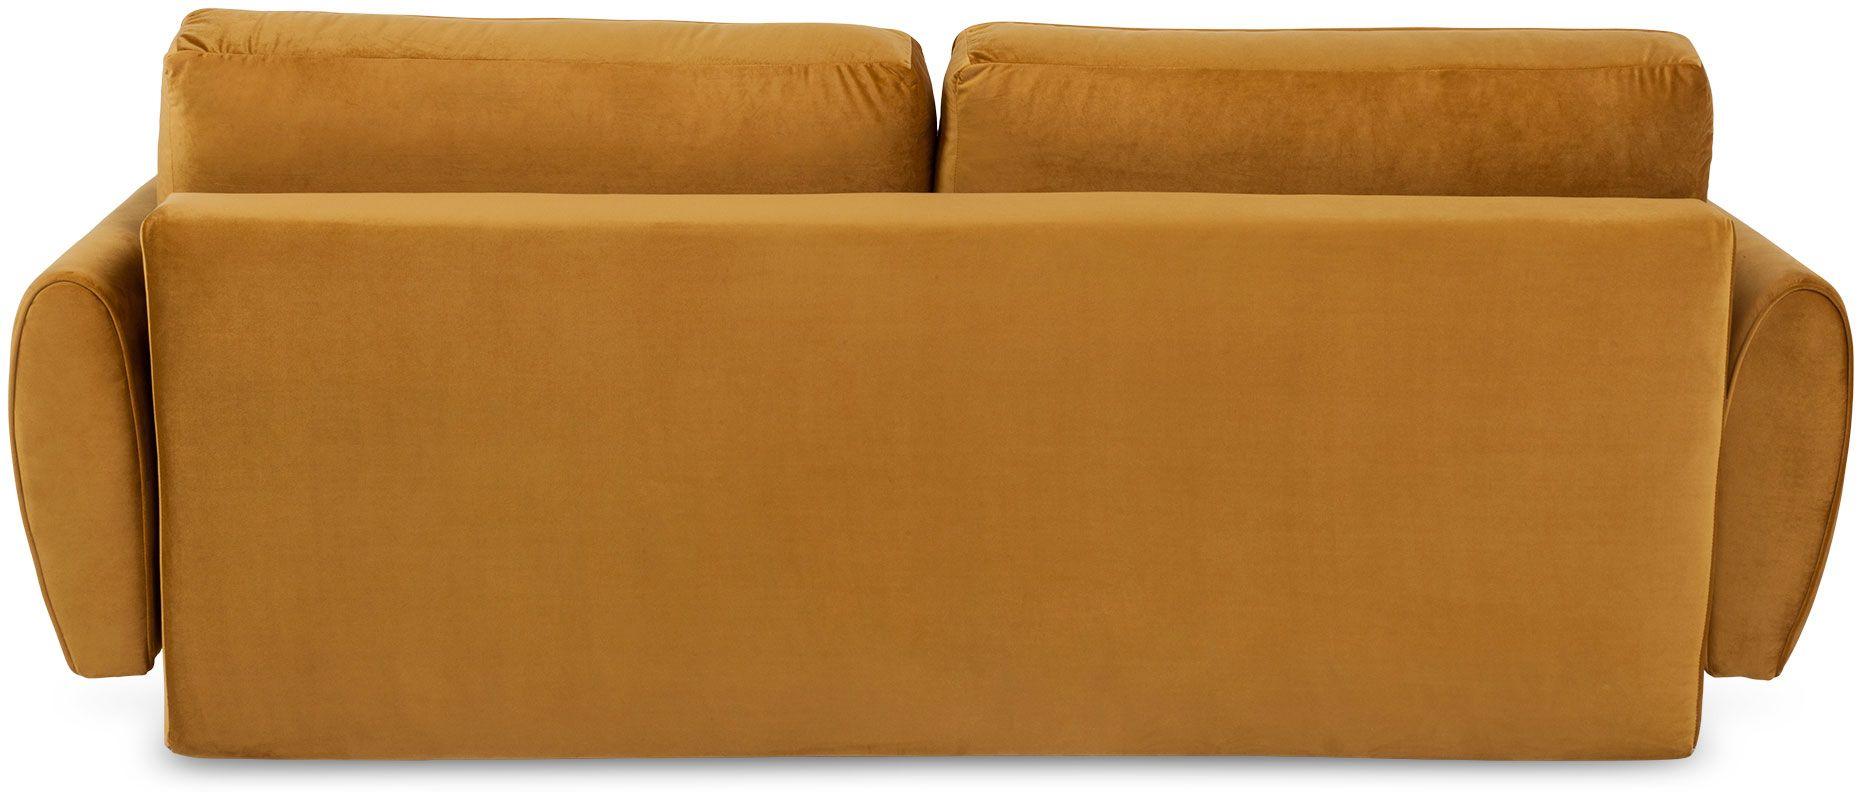 sofa kirsten velutto 8 7